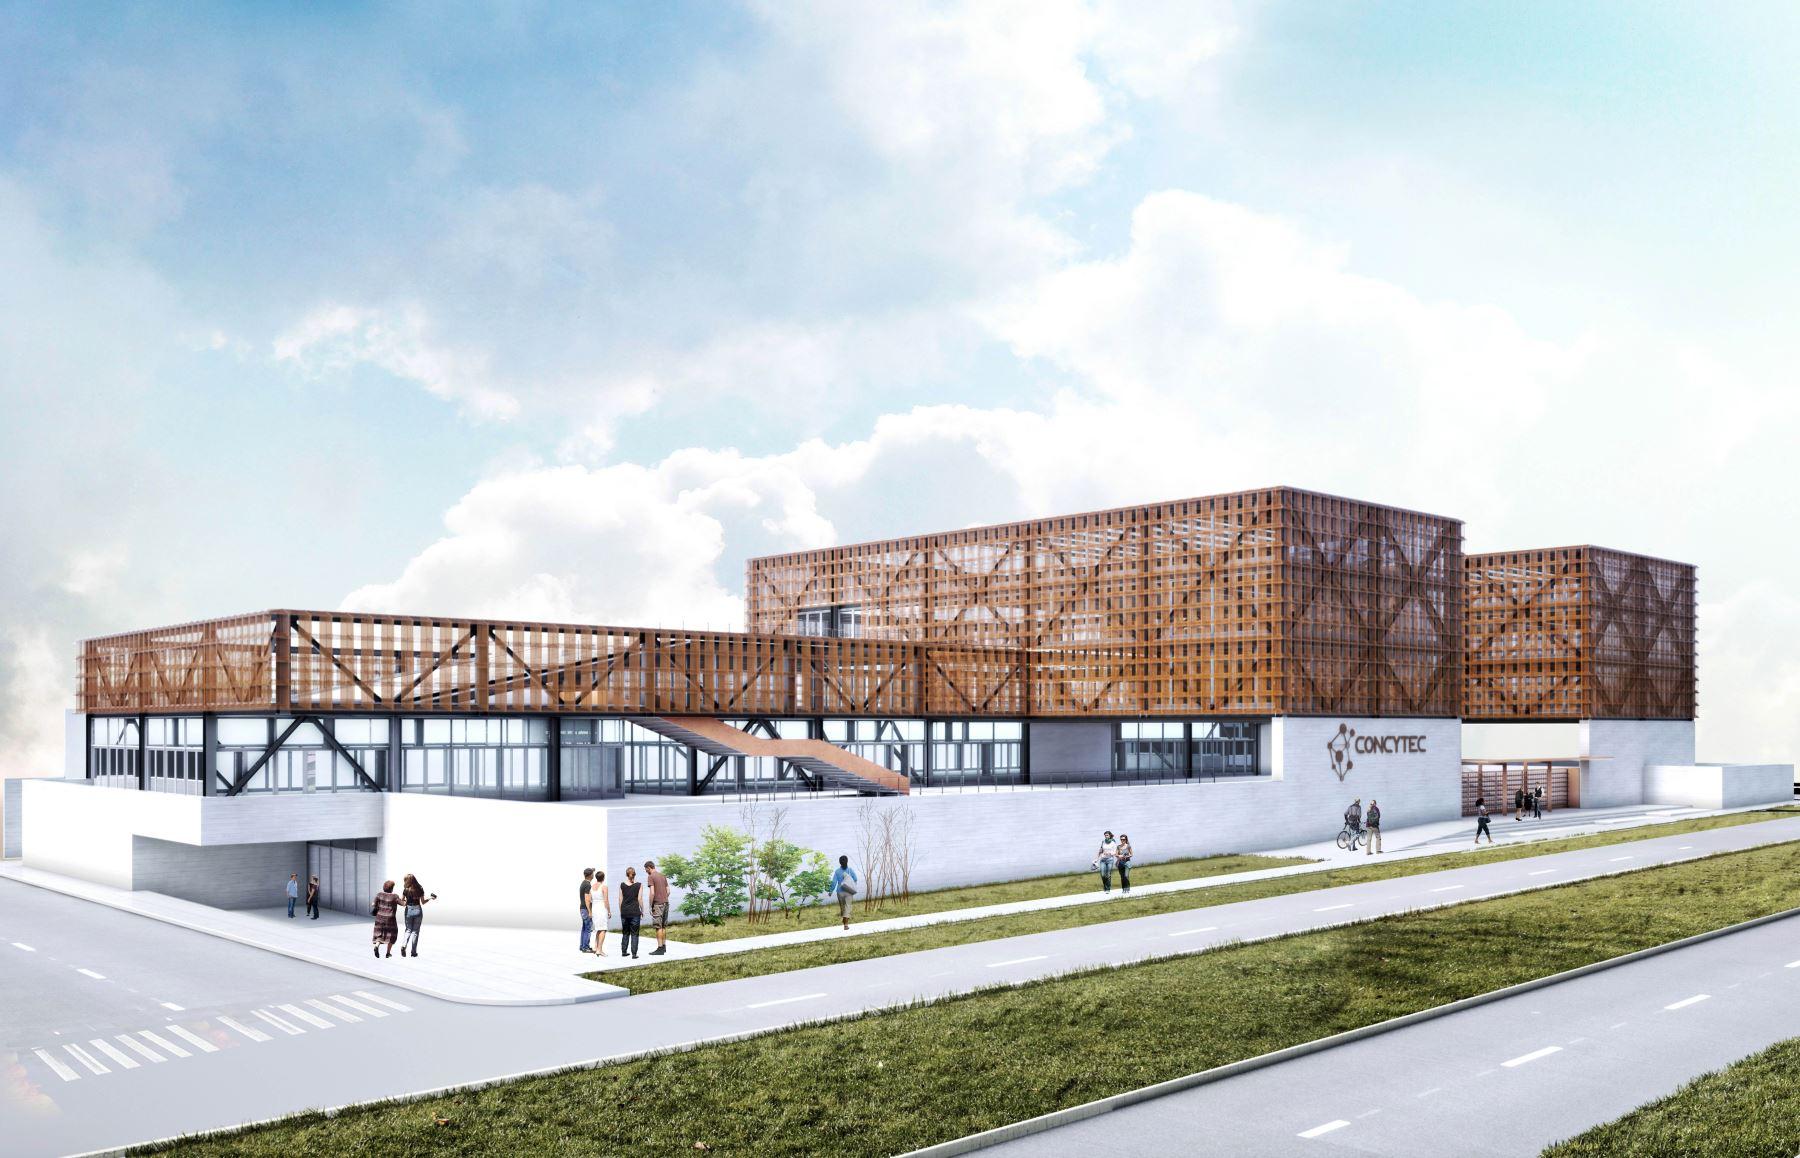 Así será el nuevo local del Concytec según el diseño arquitectónico ganador del concurso internacional convocado por esa institución.